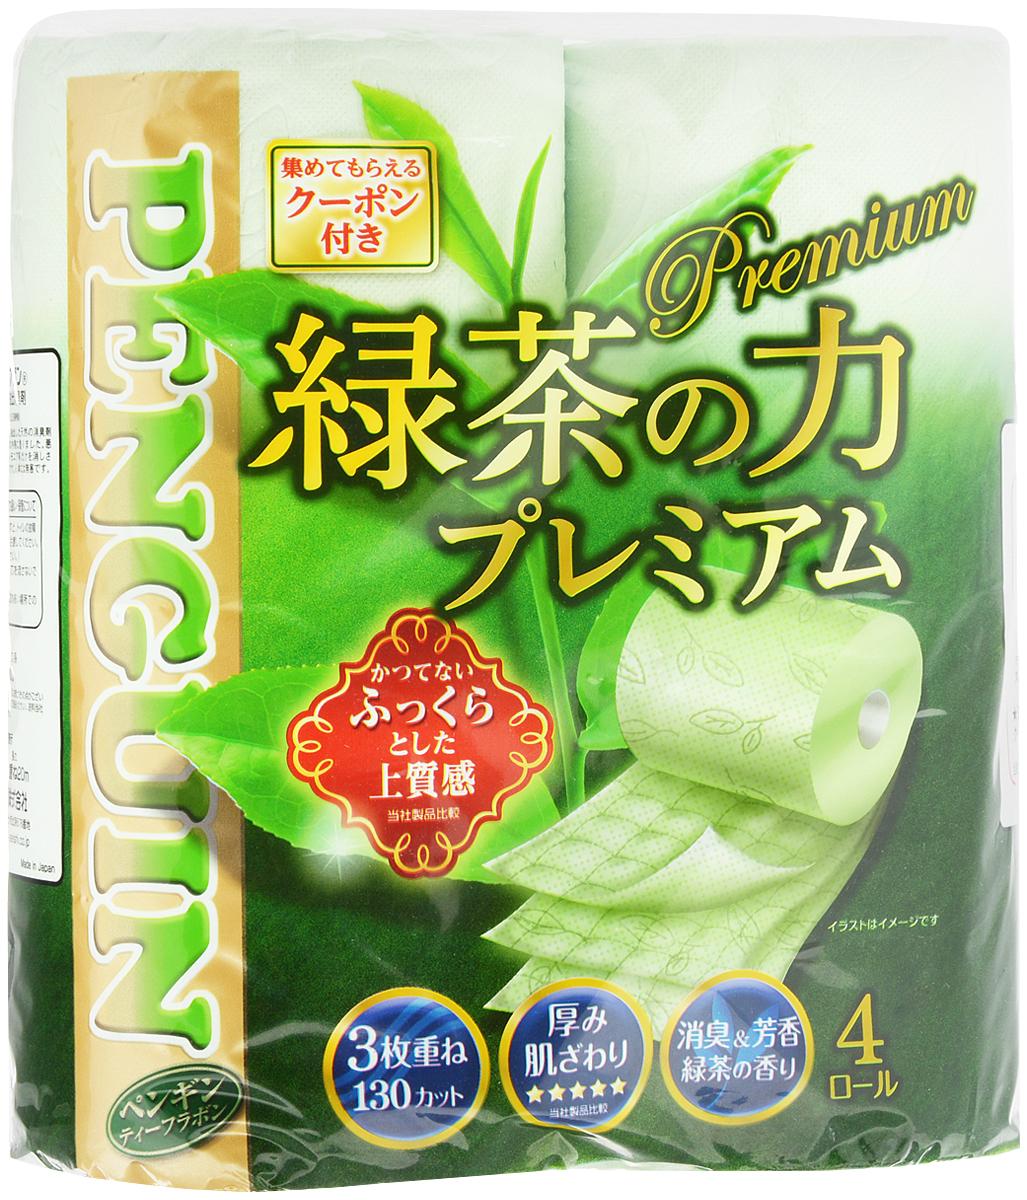 Бумага туалетная Marutomi Зеленый чай. Премиум, трехслойная, 4 рулона5036657Трехслойная туалетная бумага Marutomi Зеленый чай. Премиум изготовлена из вторичного сырья (переработанной бумаги) и целлюлозы, имеет приятный запах зеленого чая. Мягкая, нежная, но в тоже время прочная, бумага не расслаивается и отрывается строго по линии перфорации.Количество рулонов: 4 шт. Длина одного рулона: 20 м.